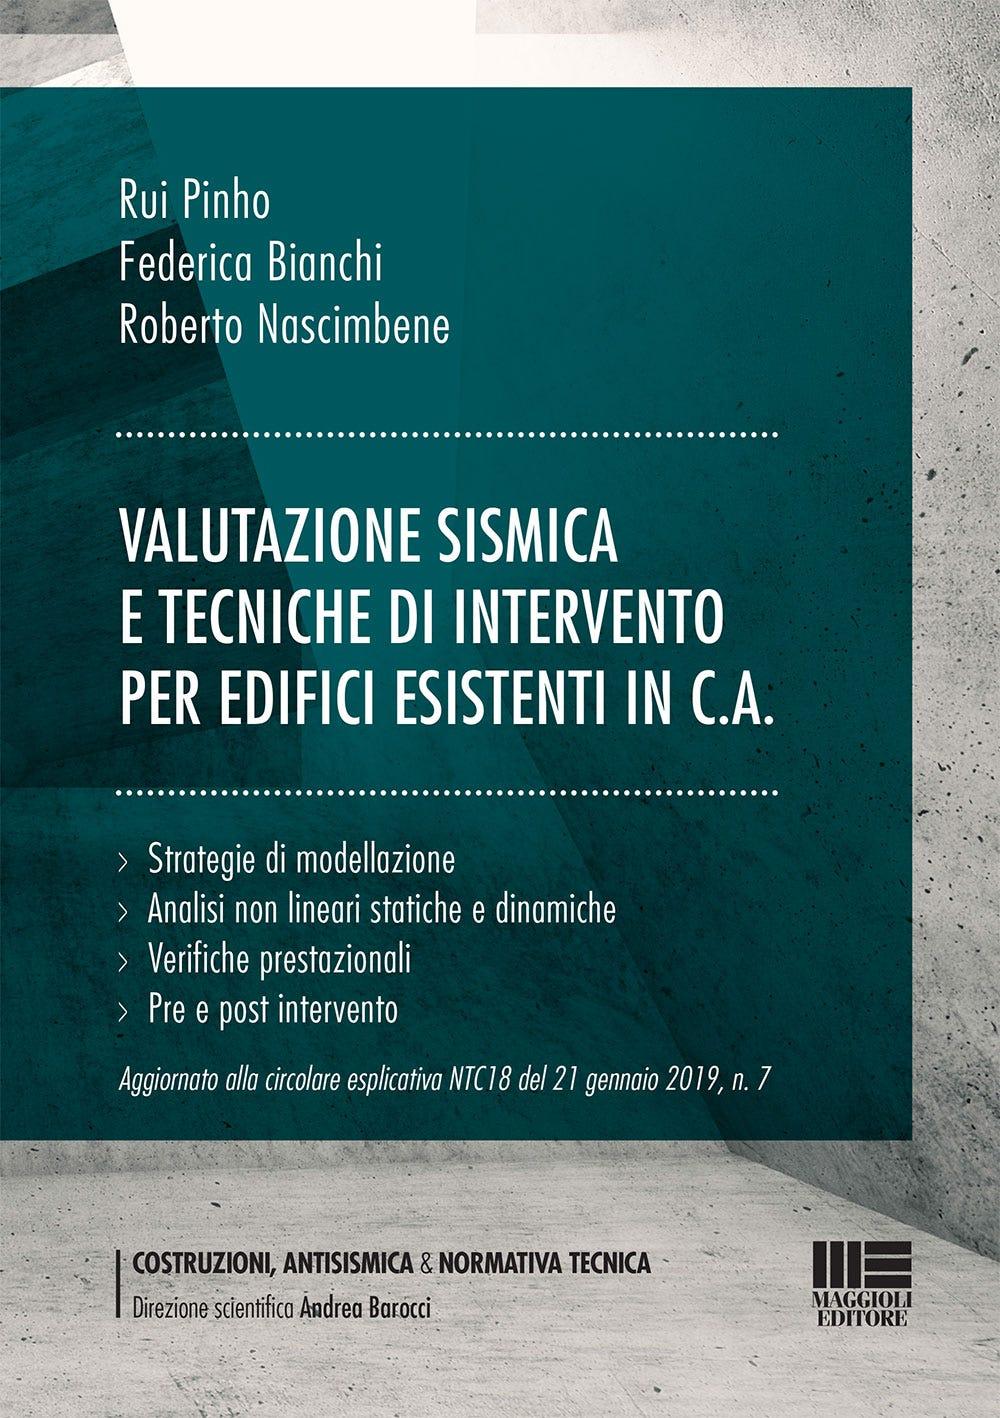 Valutazione sismica e tecniche di intervento per edifici esistenti in c.a.